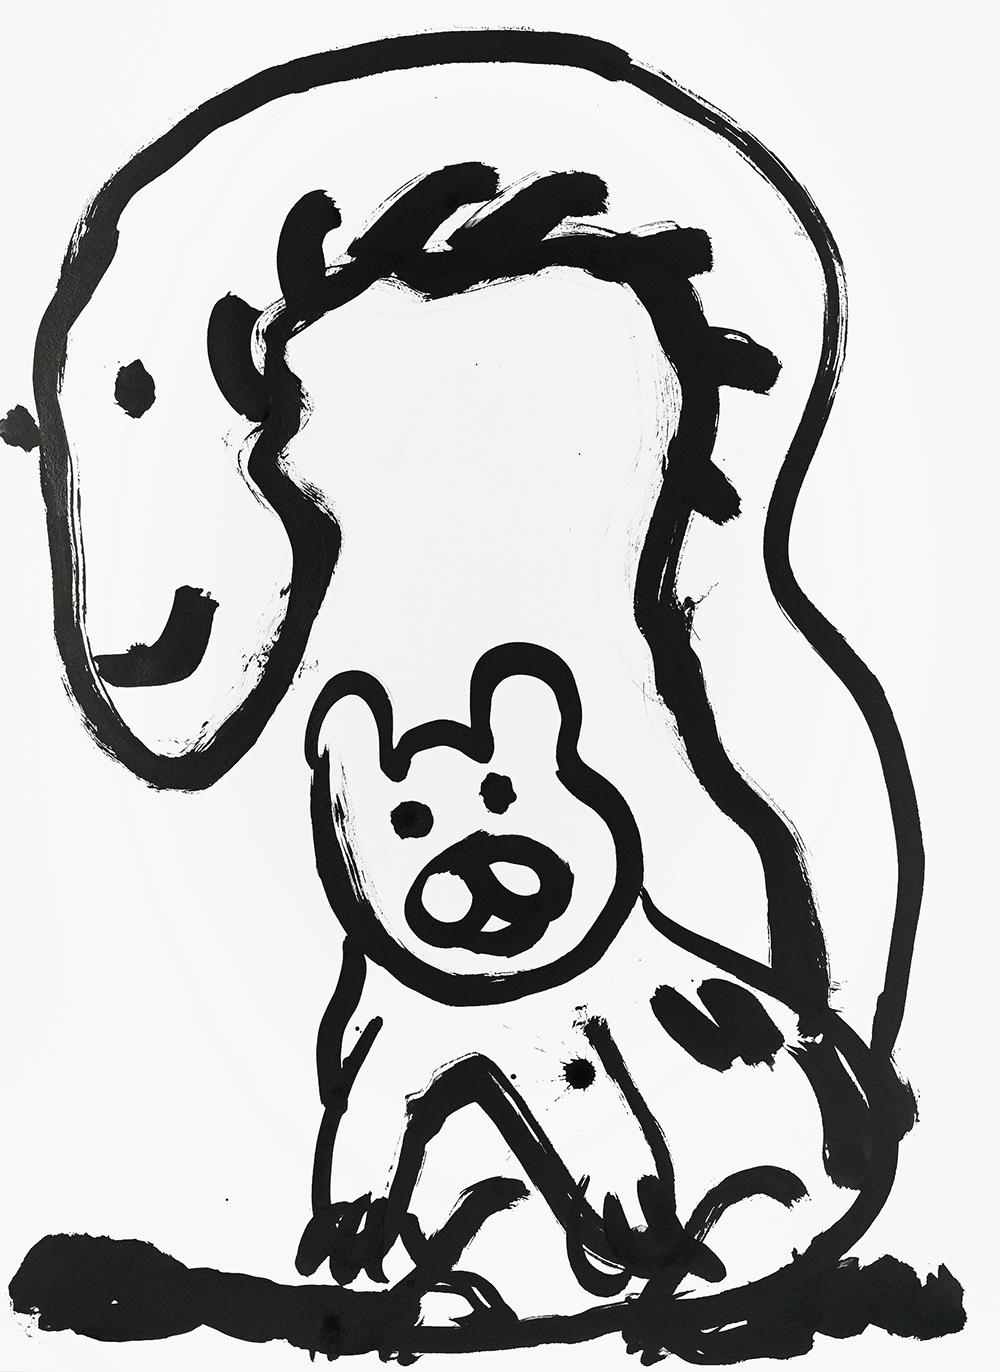 das Eichhörnchen, Eichkätzchen (squirrel, oak kitten), by Paul Chan, 2020